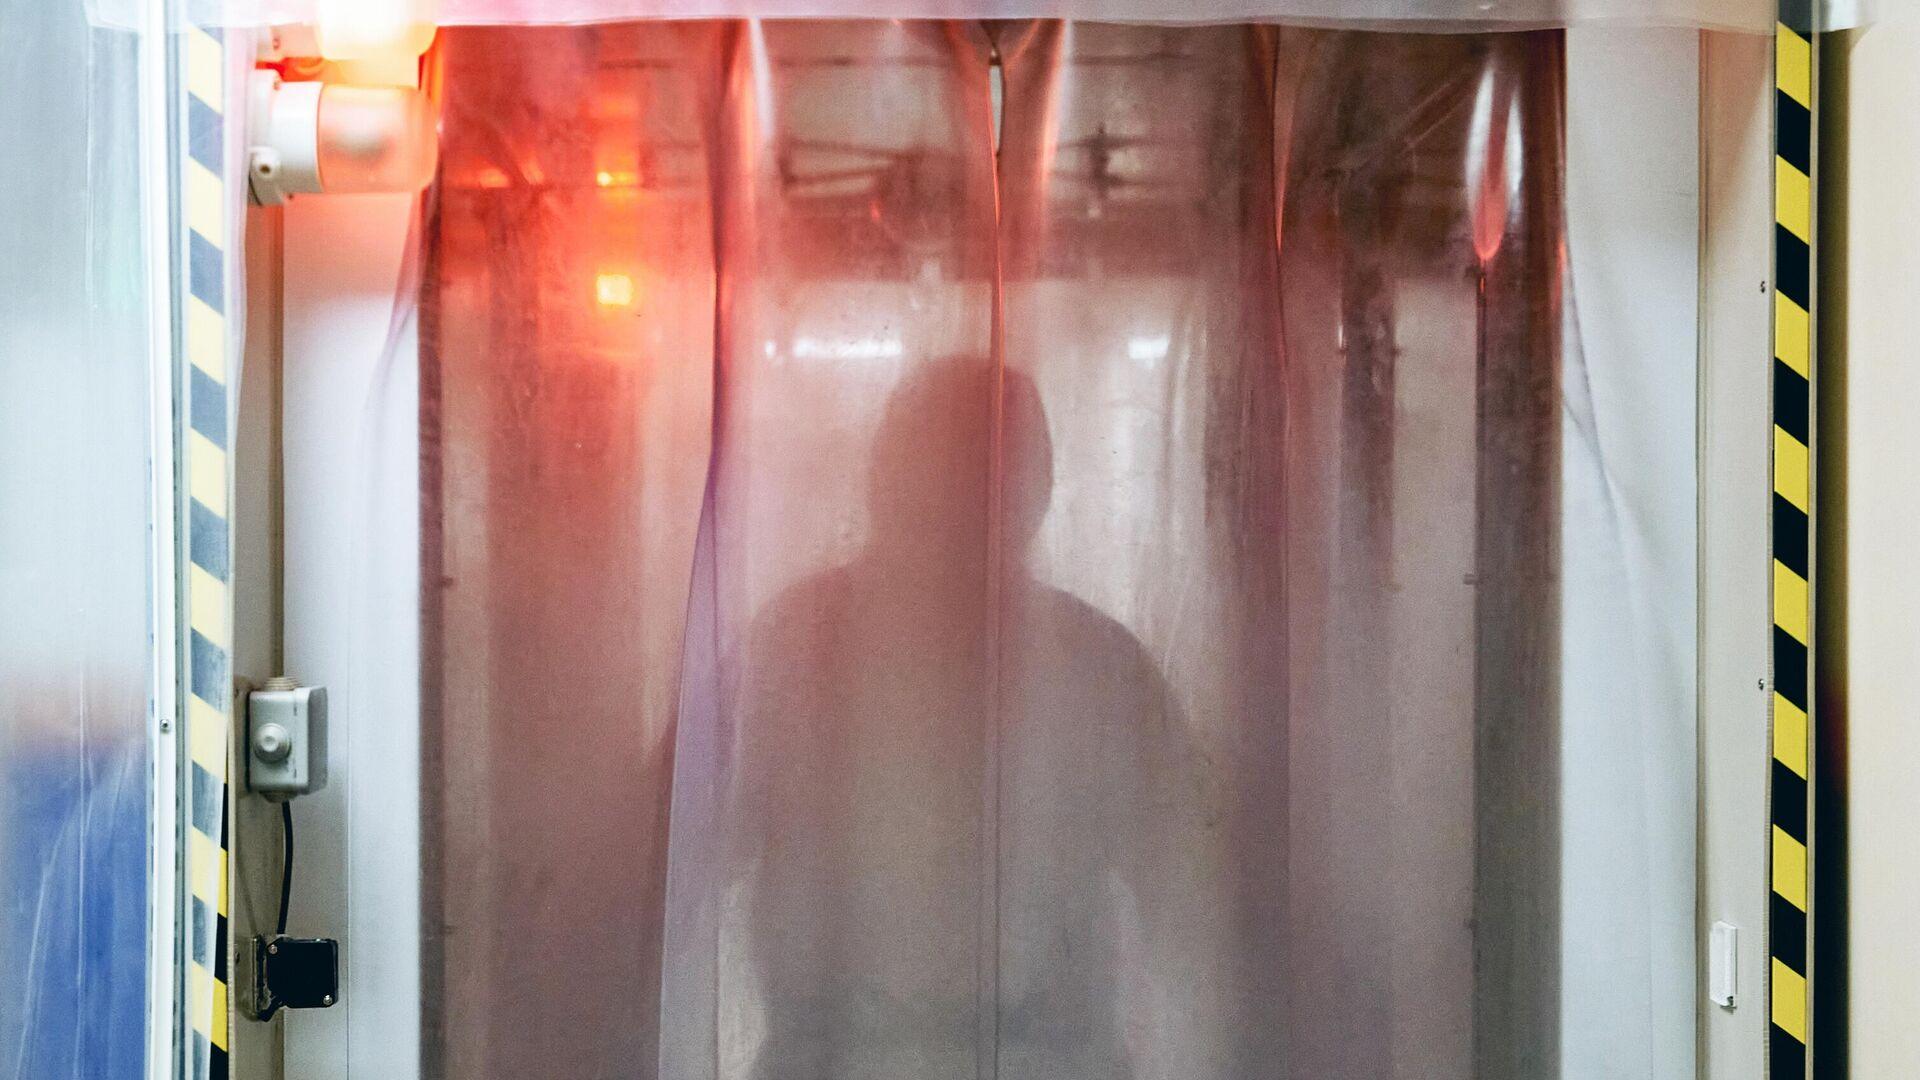 Врач проходит санобработку, чтобы выйти из красной зоны госпиталя COVID-19 - РИА Новости, 1920, 09.11.2020